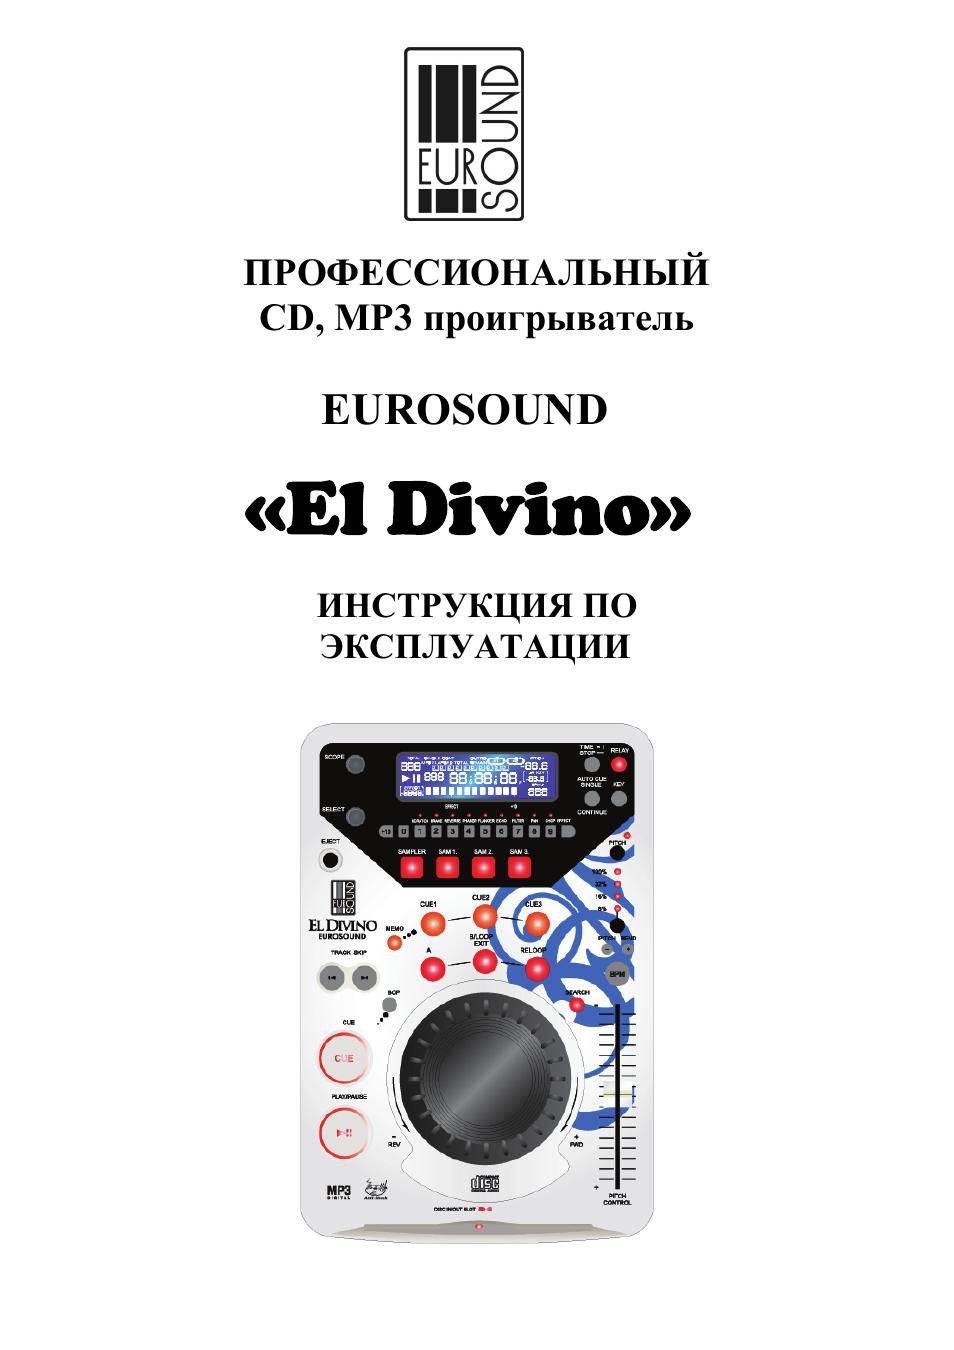 eurosound cdp-s195 инструкция по эксплуатации